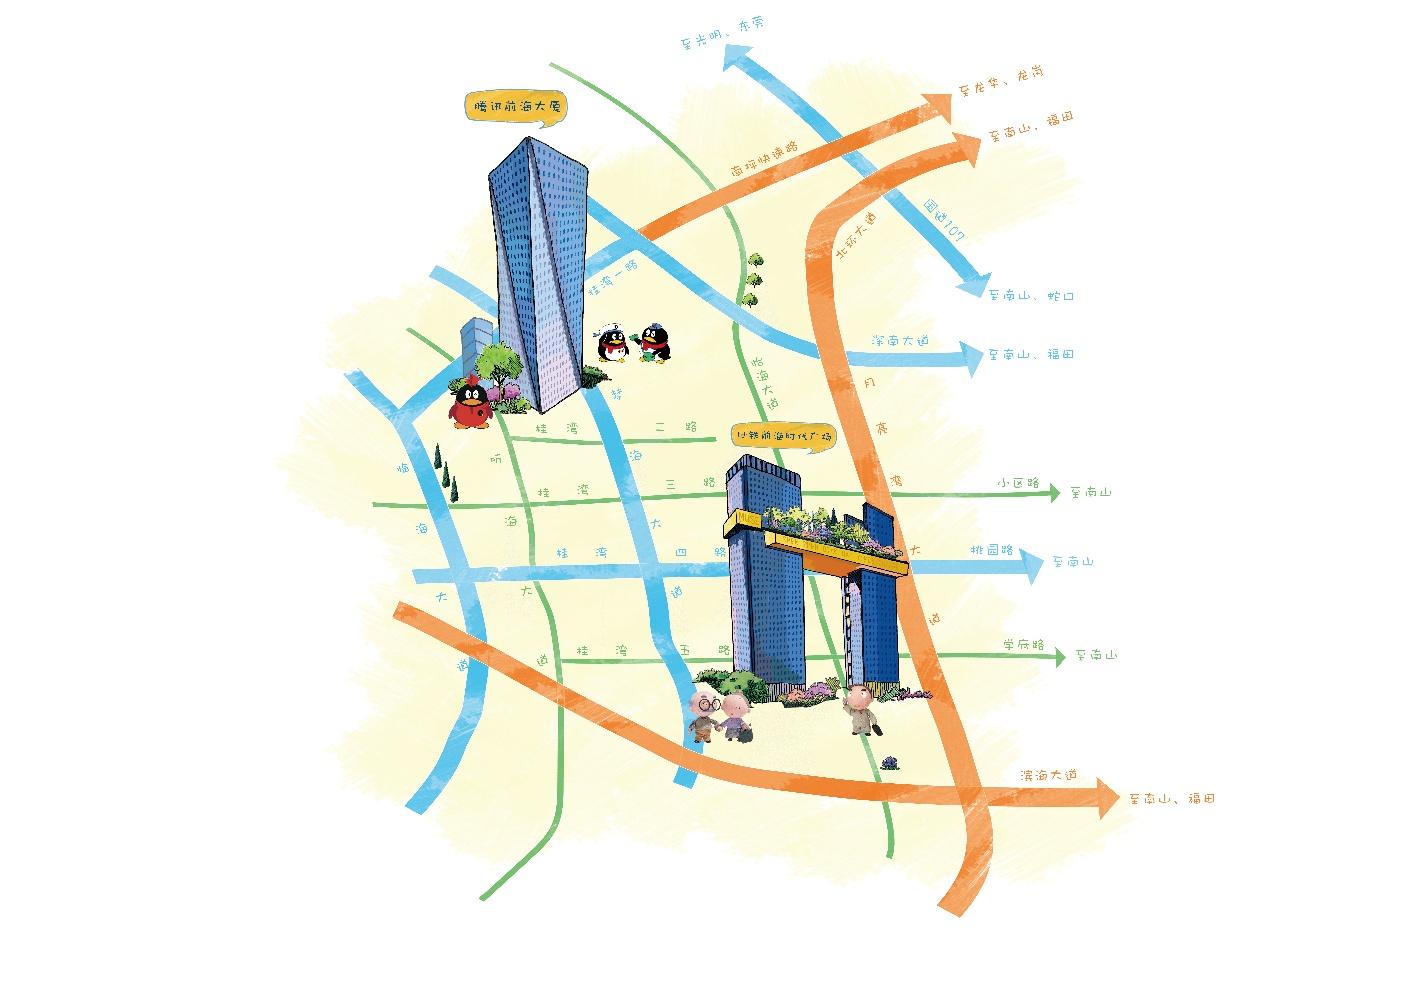 手绘地图|插画|概念设定|神经西西 - 原创作品 - 站酷